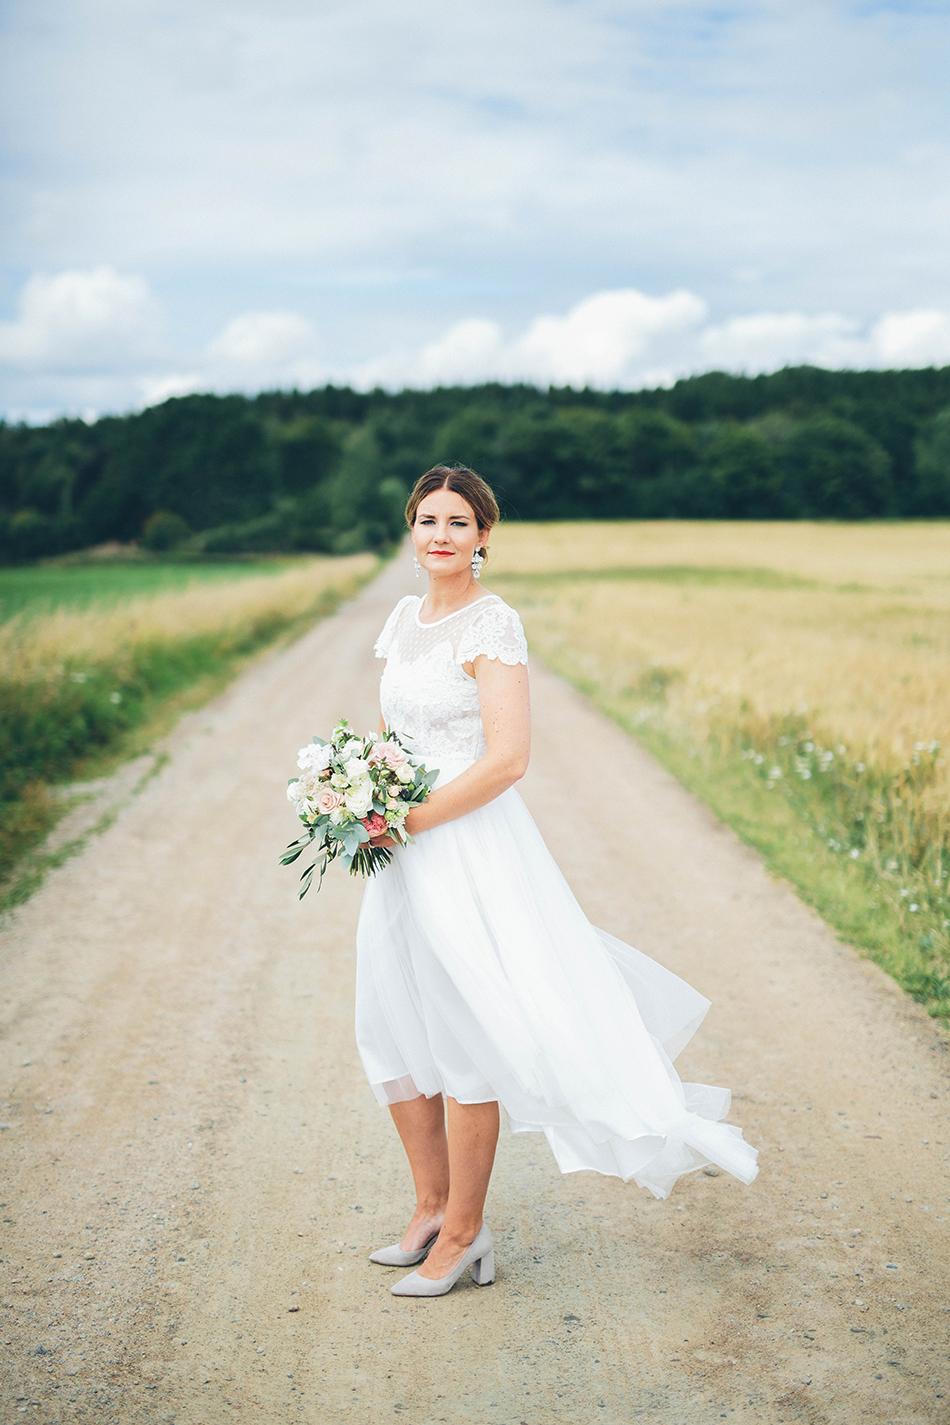 Fotograf: Wild Stories // Brudklänning:  Ida Sjöstedt